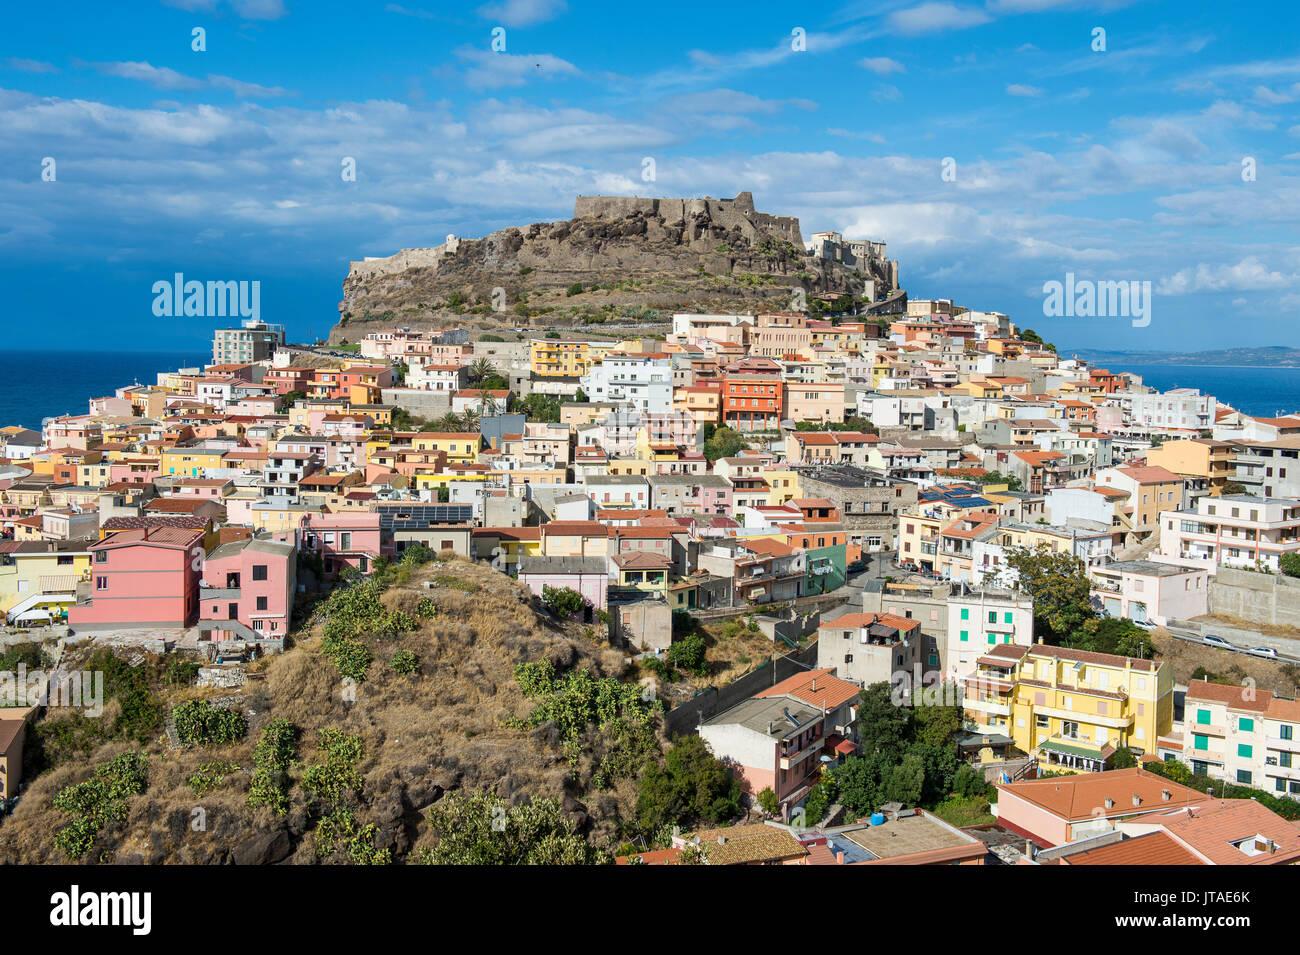 Vue sur Castelsardo, Sardaigne, Italie, Méditerranée, Europe Banque D'Images